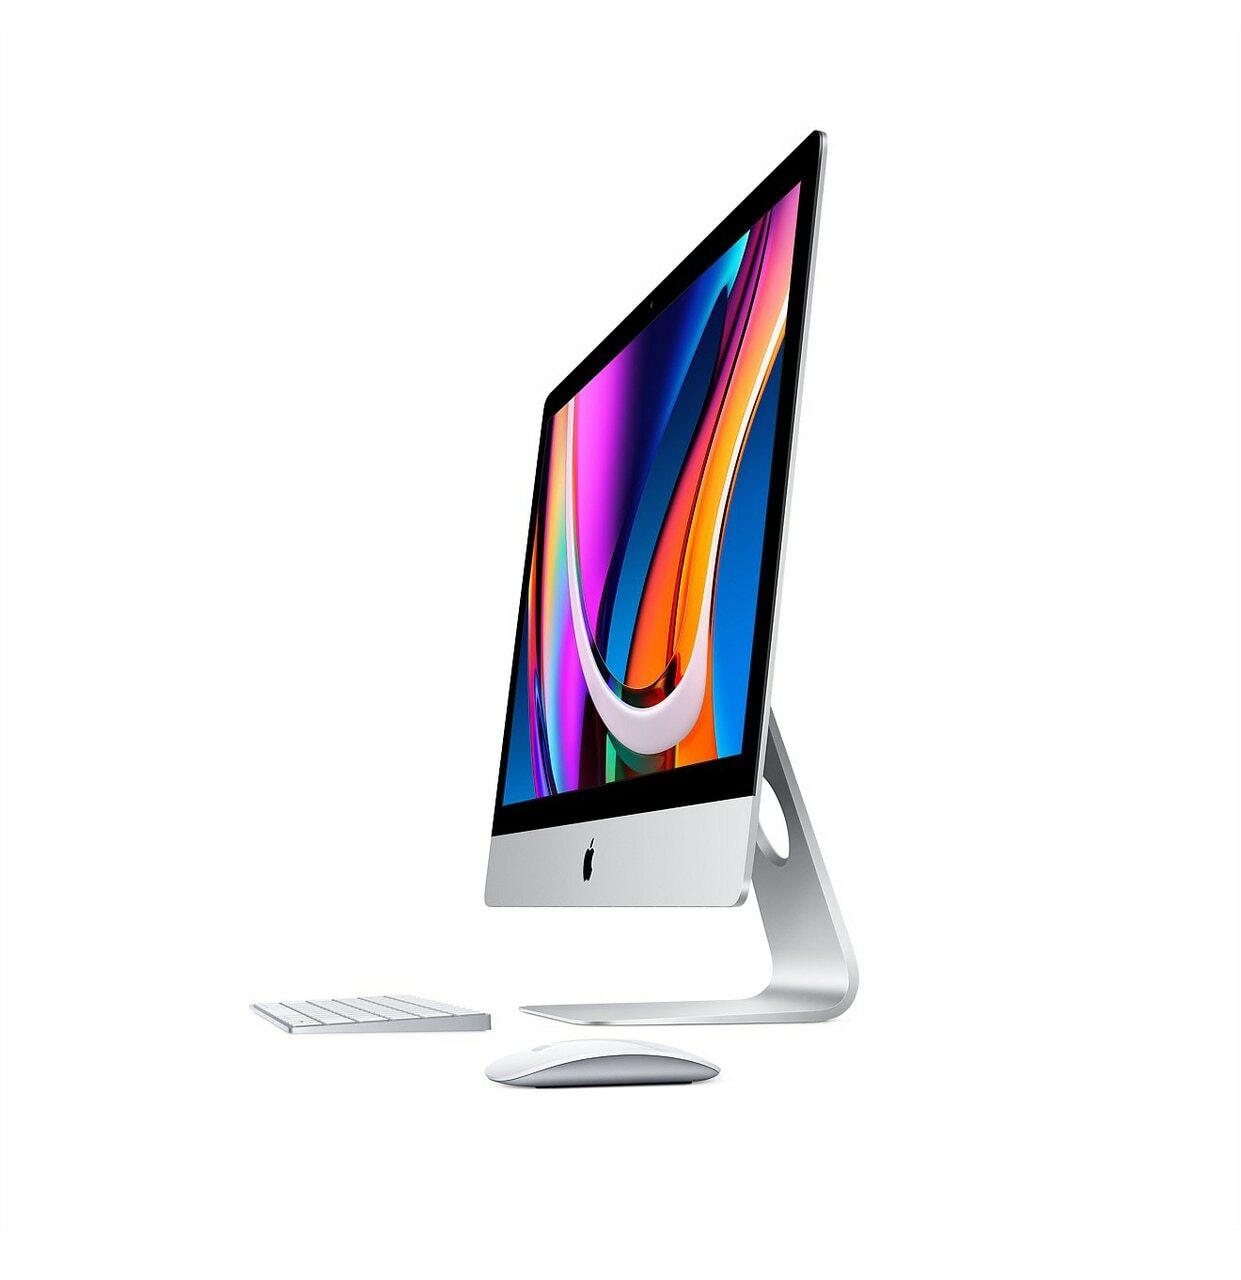 iMac 27″ (2019) 3.6ghz Core i9/64gb/2TB/8gb Gpu